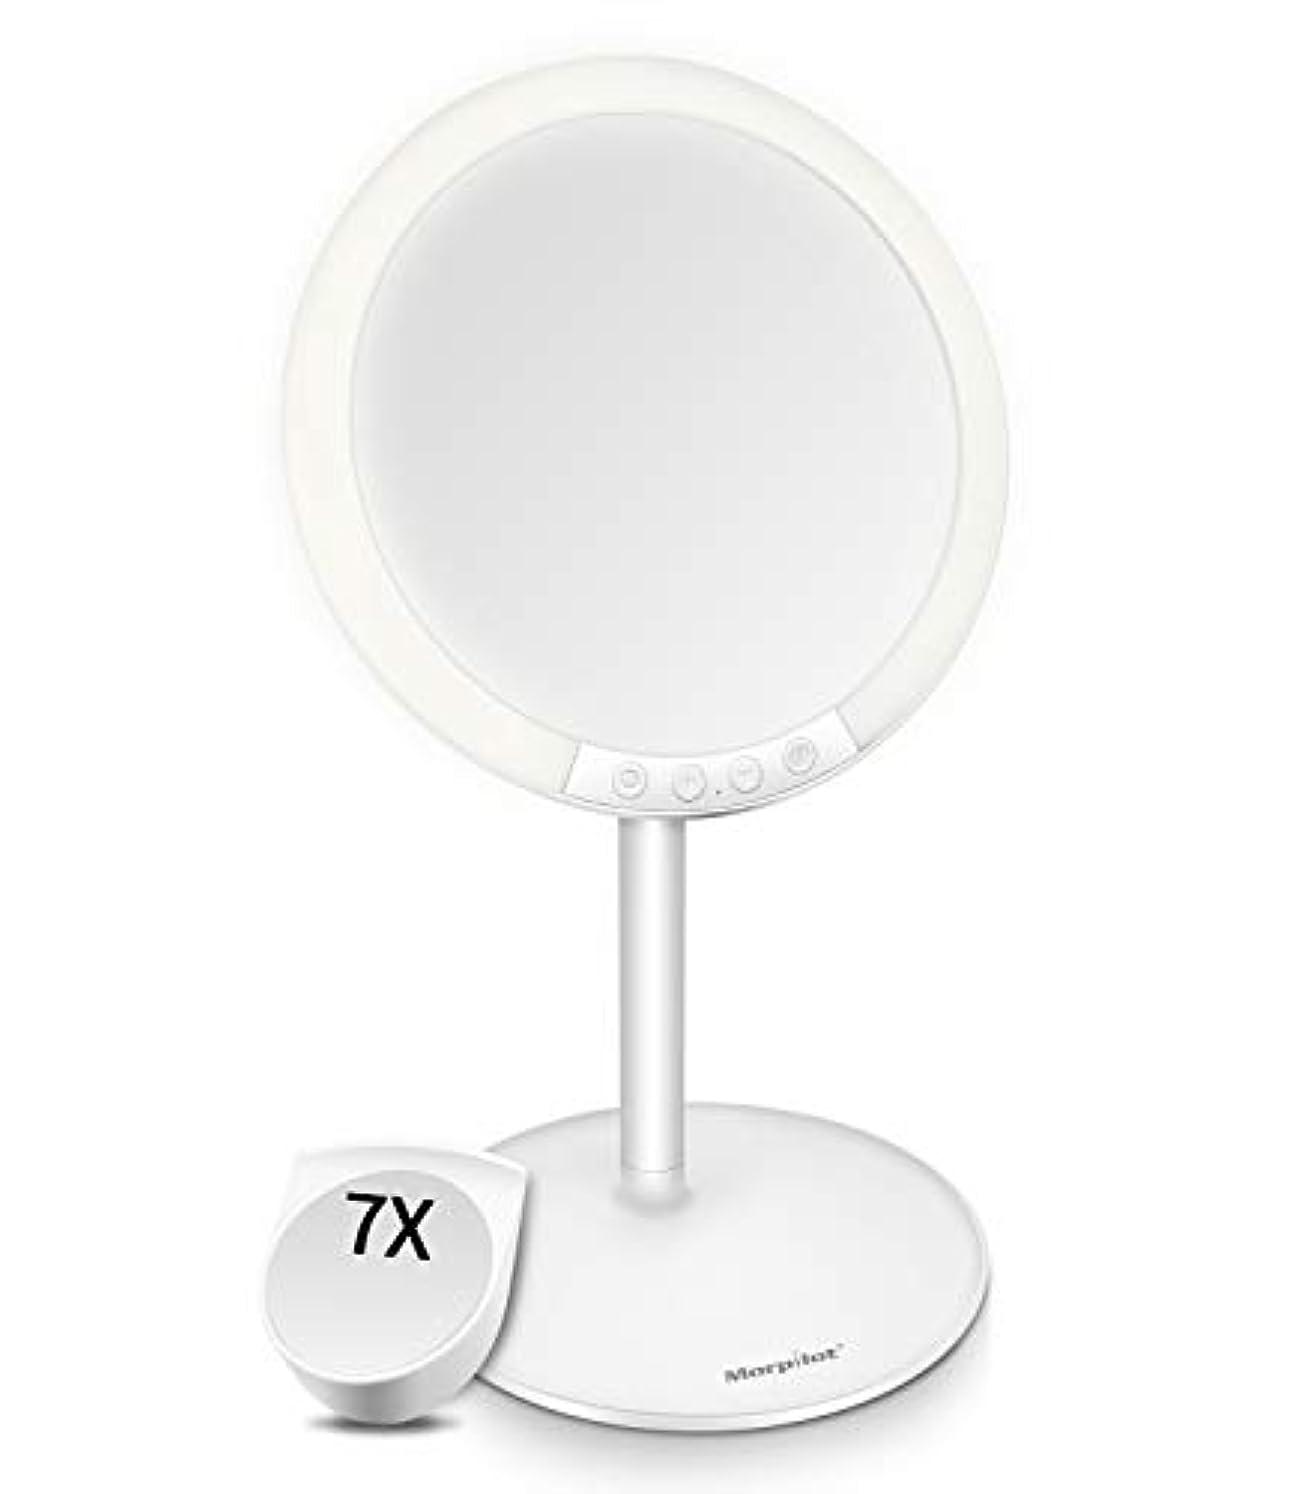 プレゼン拡声器血色の良いMotpilot 化粧鏡 卓上ミラー 鏡 化粧ミラー 女優ミラー LEDミラー スタンドミラー USB充電式 寒暖色調節可能 明るさ7段階調節可能 7倍拡大鏡付き 120°回転 ホワイト